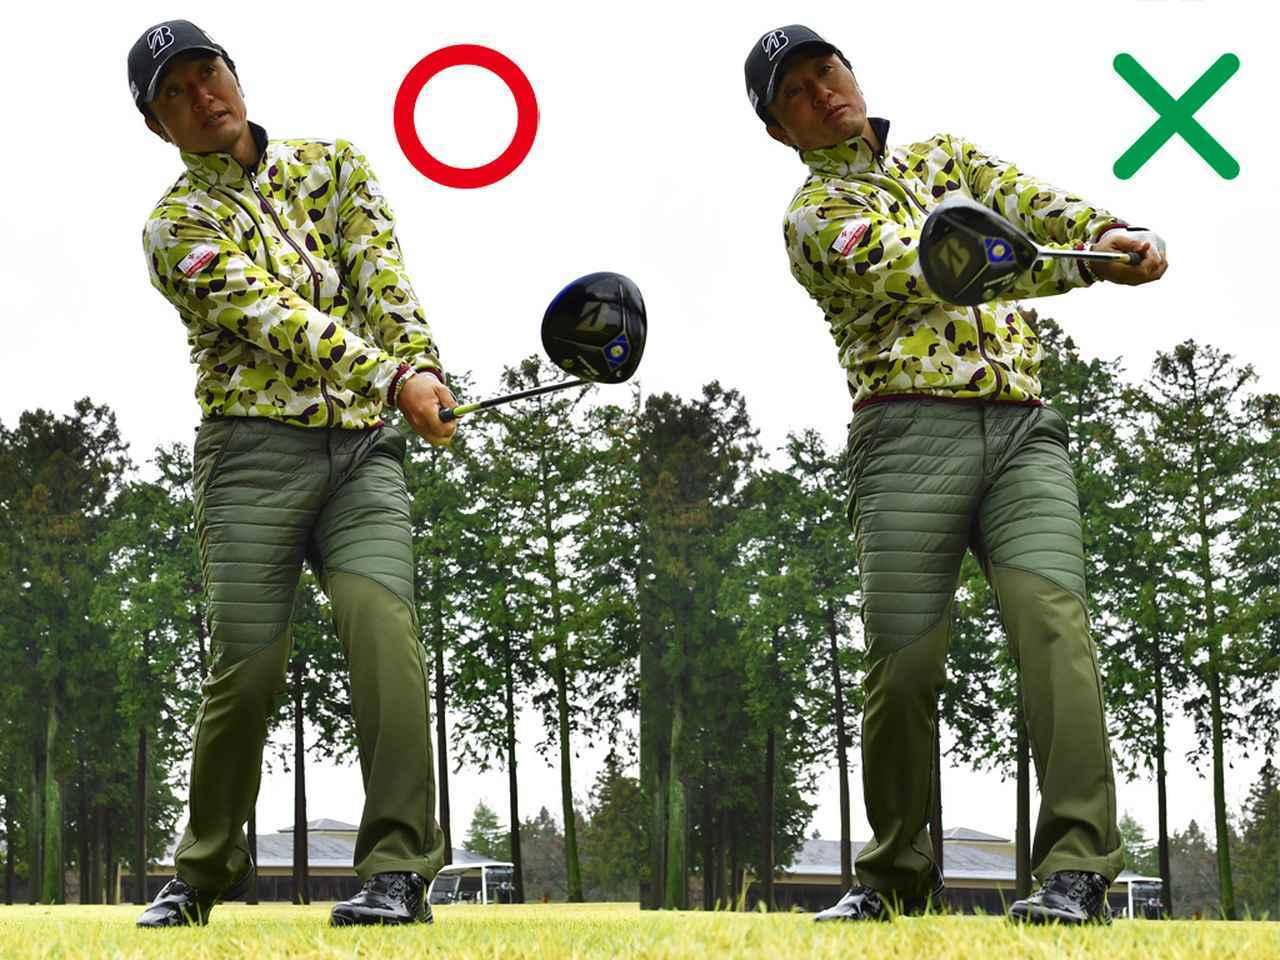 画像2: 空間を利用したティアップ術。逆球率が下がる